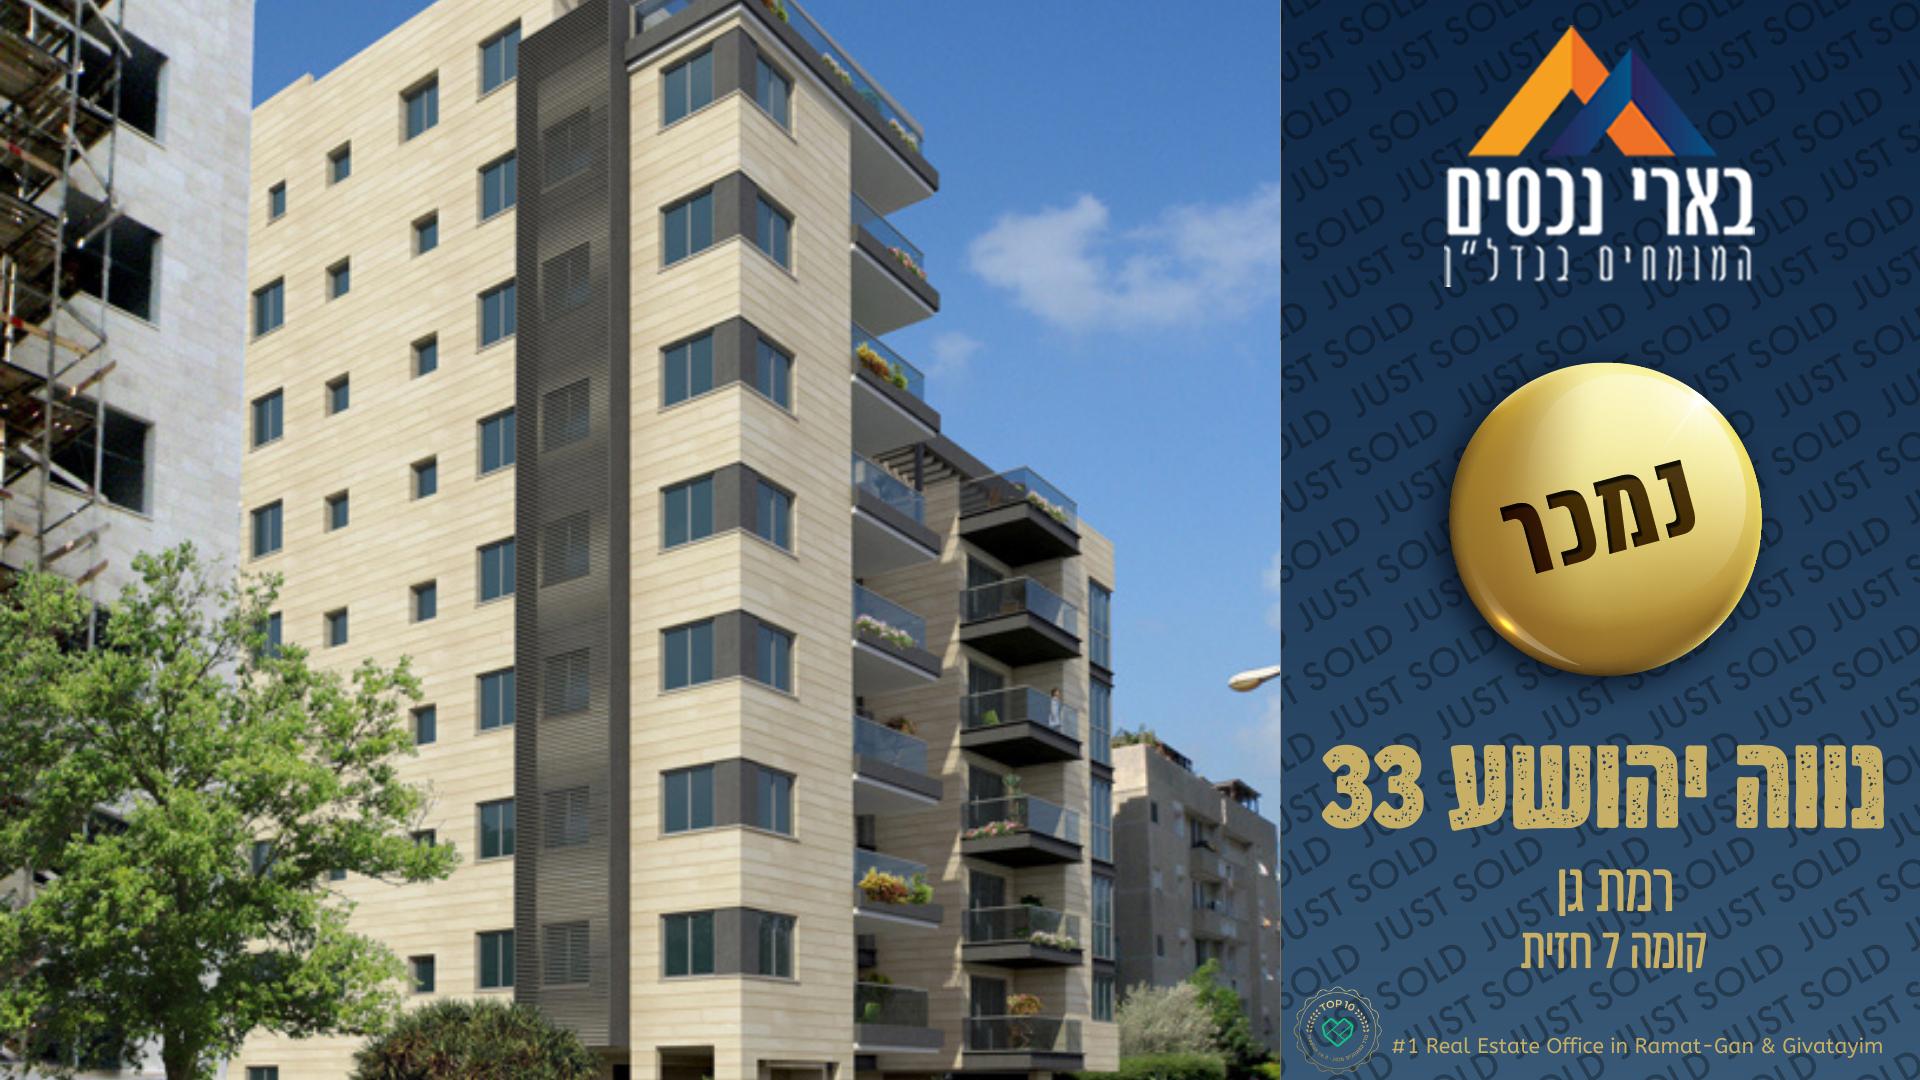 פרויקט ״נווה יהושע 33״ – נמכרה דירת 4 חד׳ בקומה ה-7 לחזית